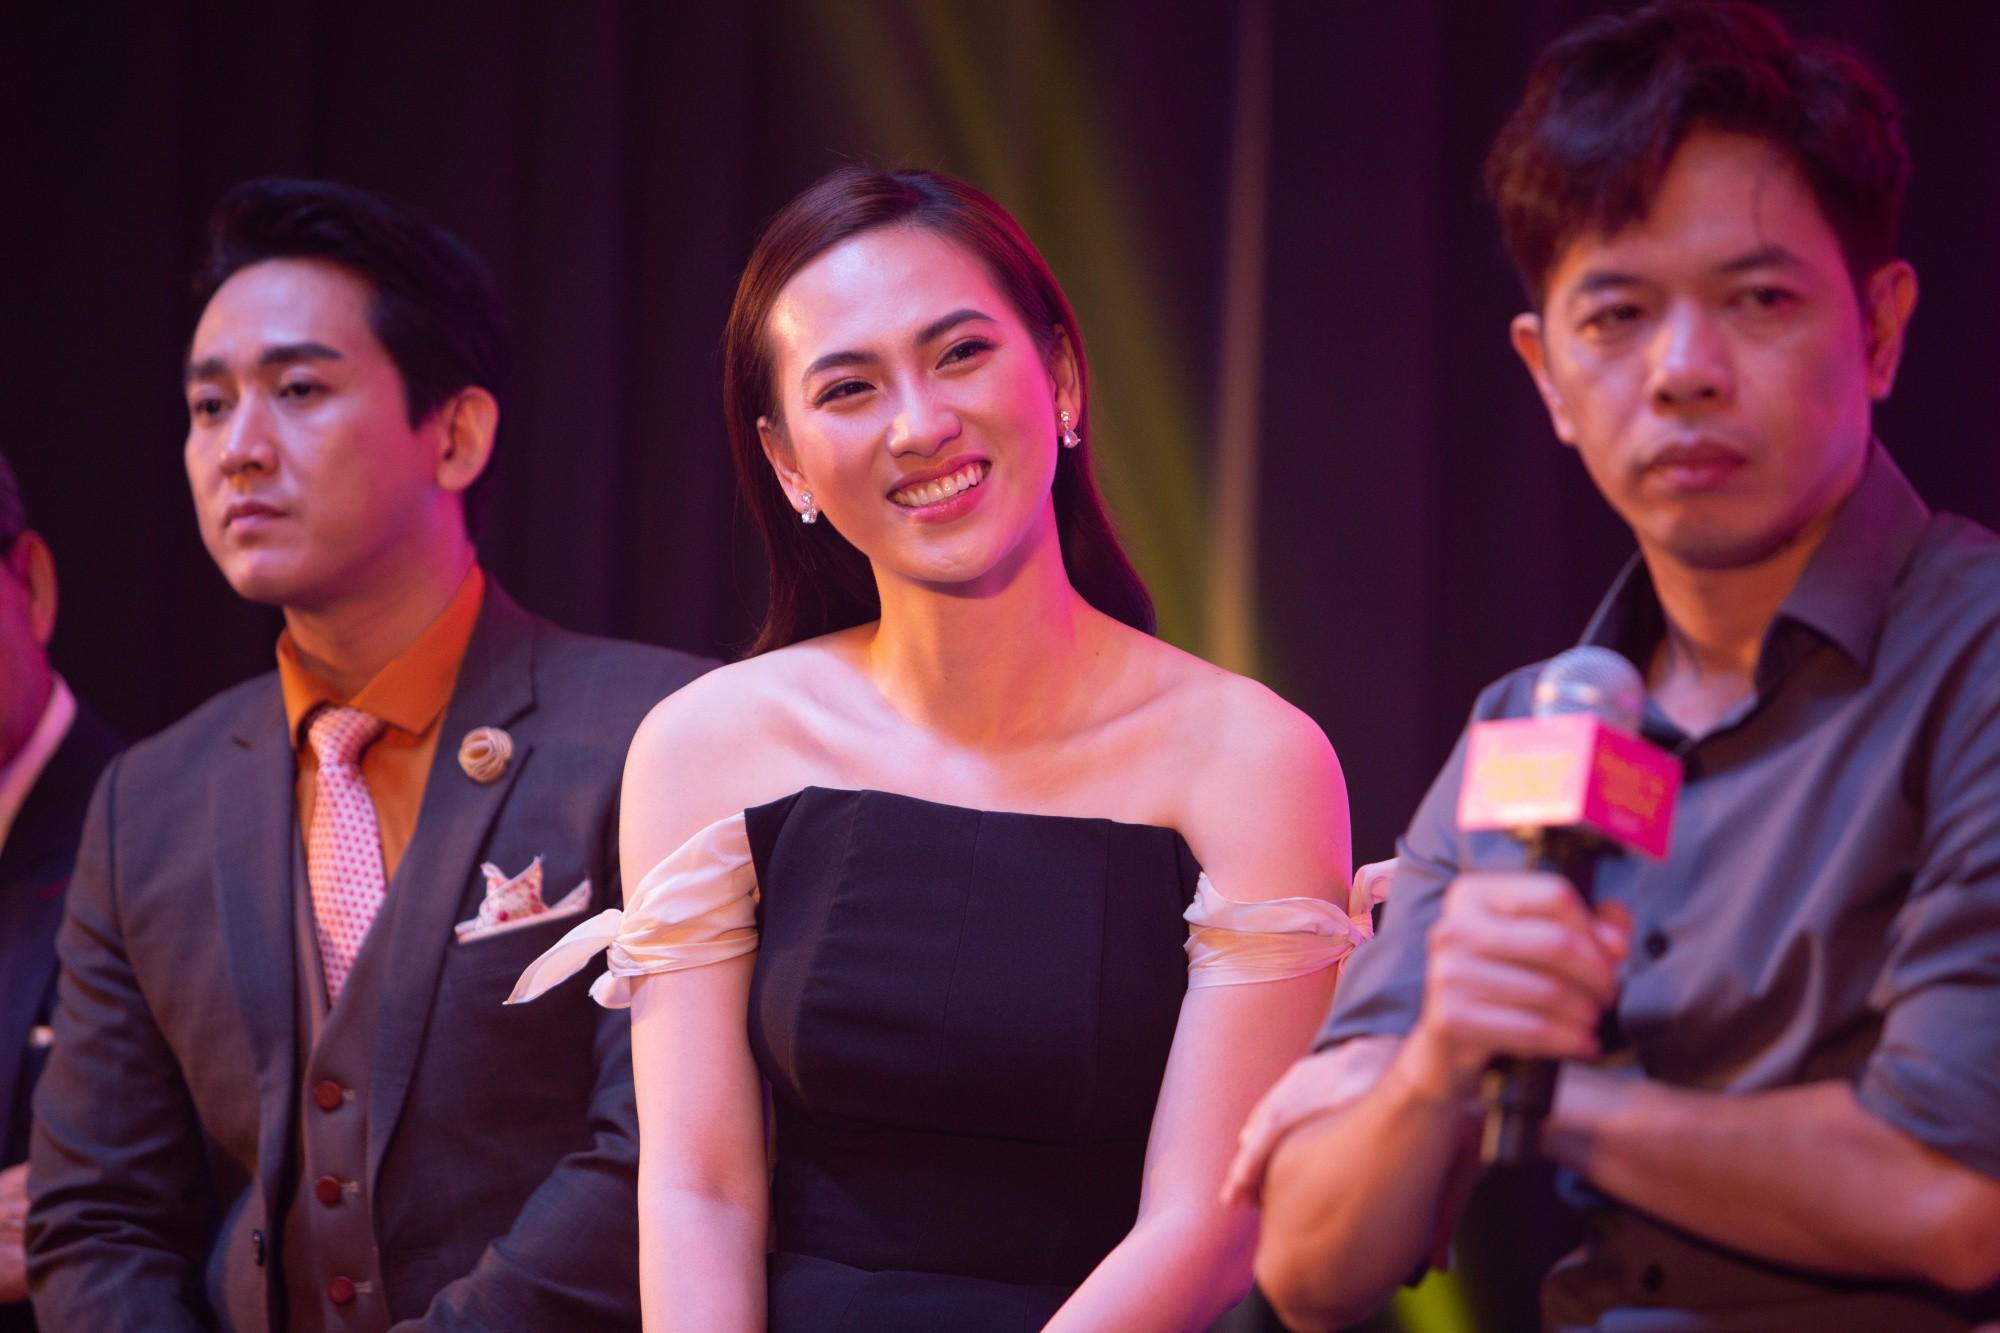 Thái Hòa gây cười không ngớt khi kể chuyện đã khỏa thân hơn 1 ngày trước đám đông  - Ảnh 3.